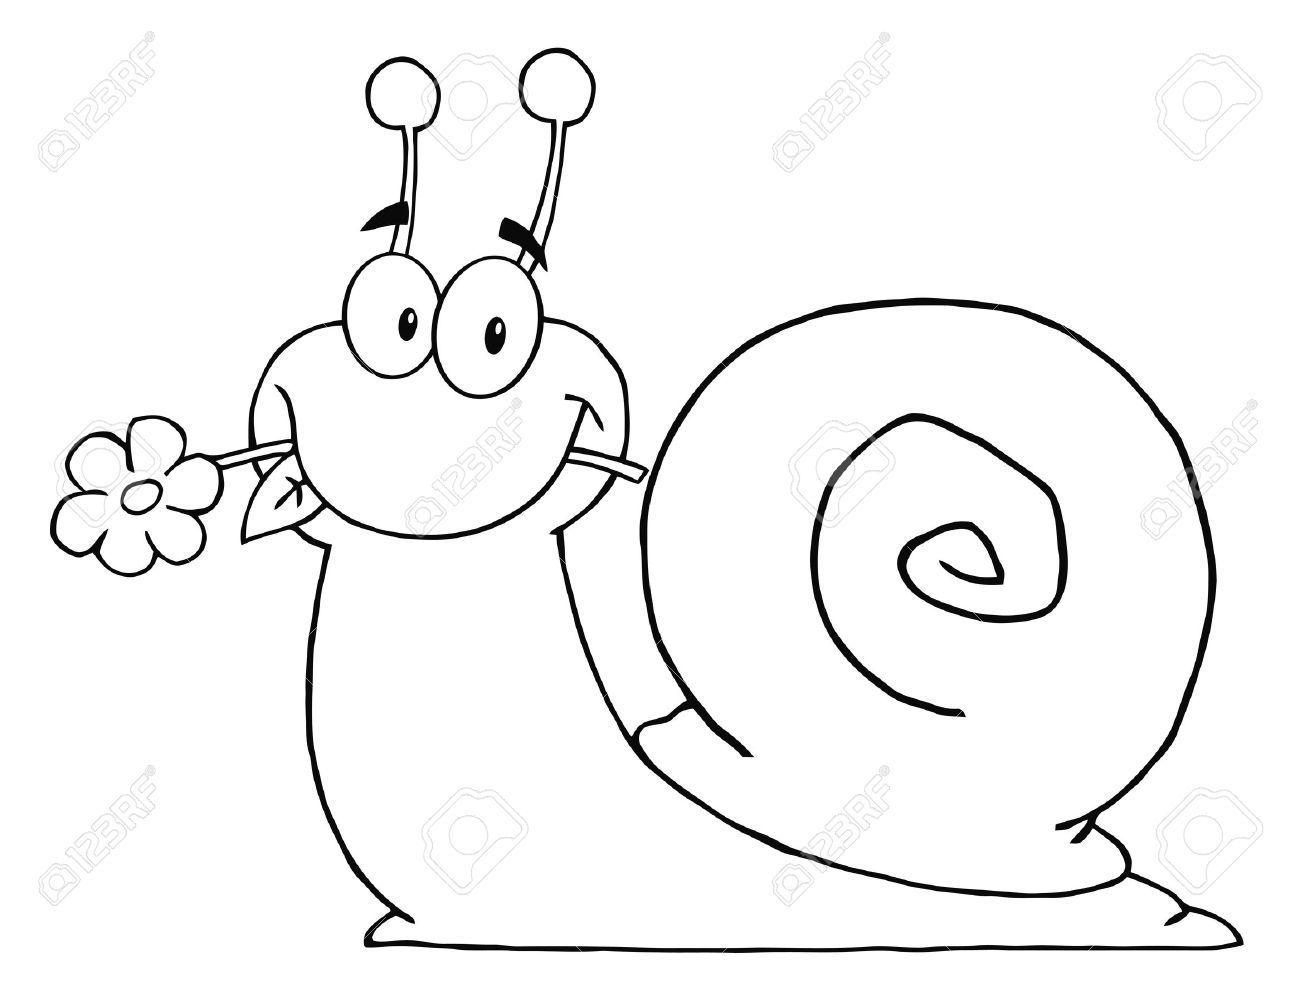 Beschriebenen Cartoon Schnecke mit einer Blume im Maul